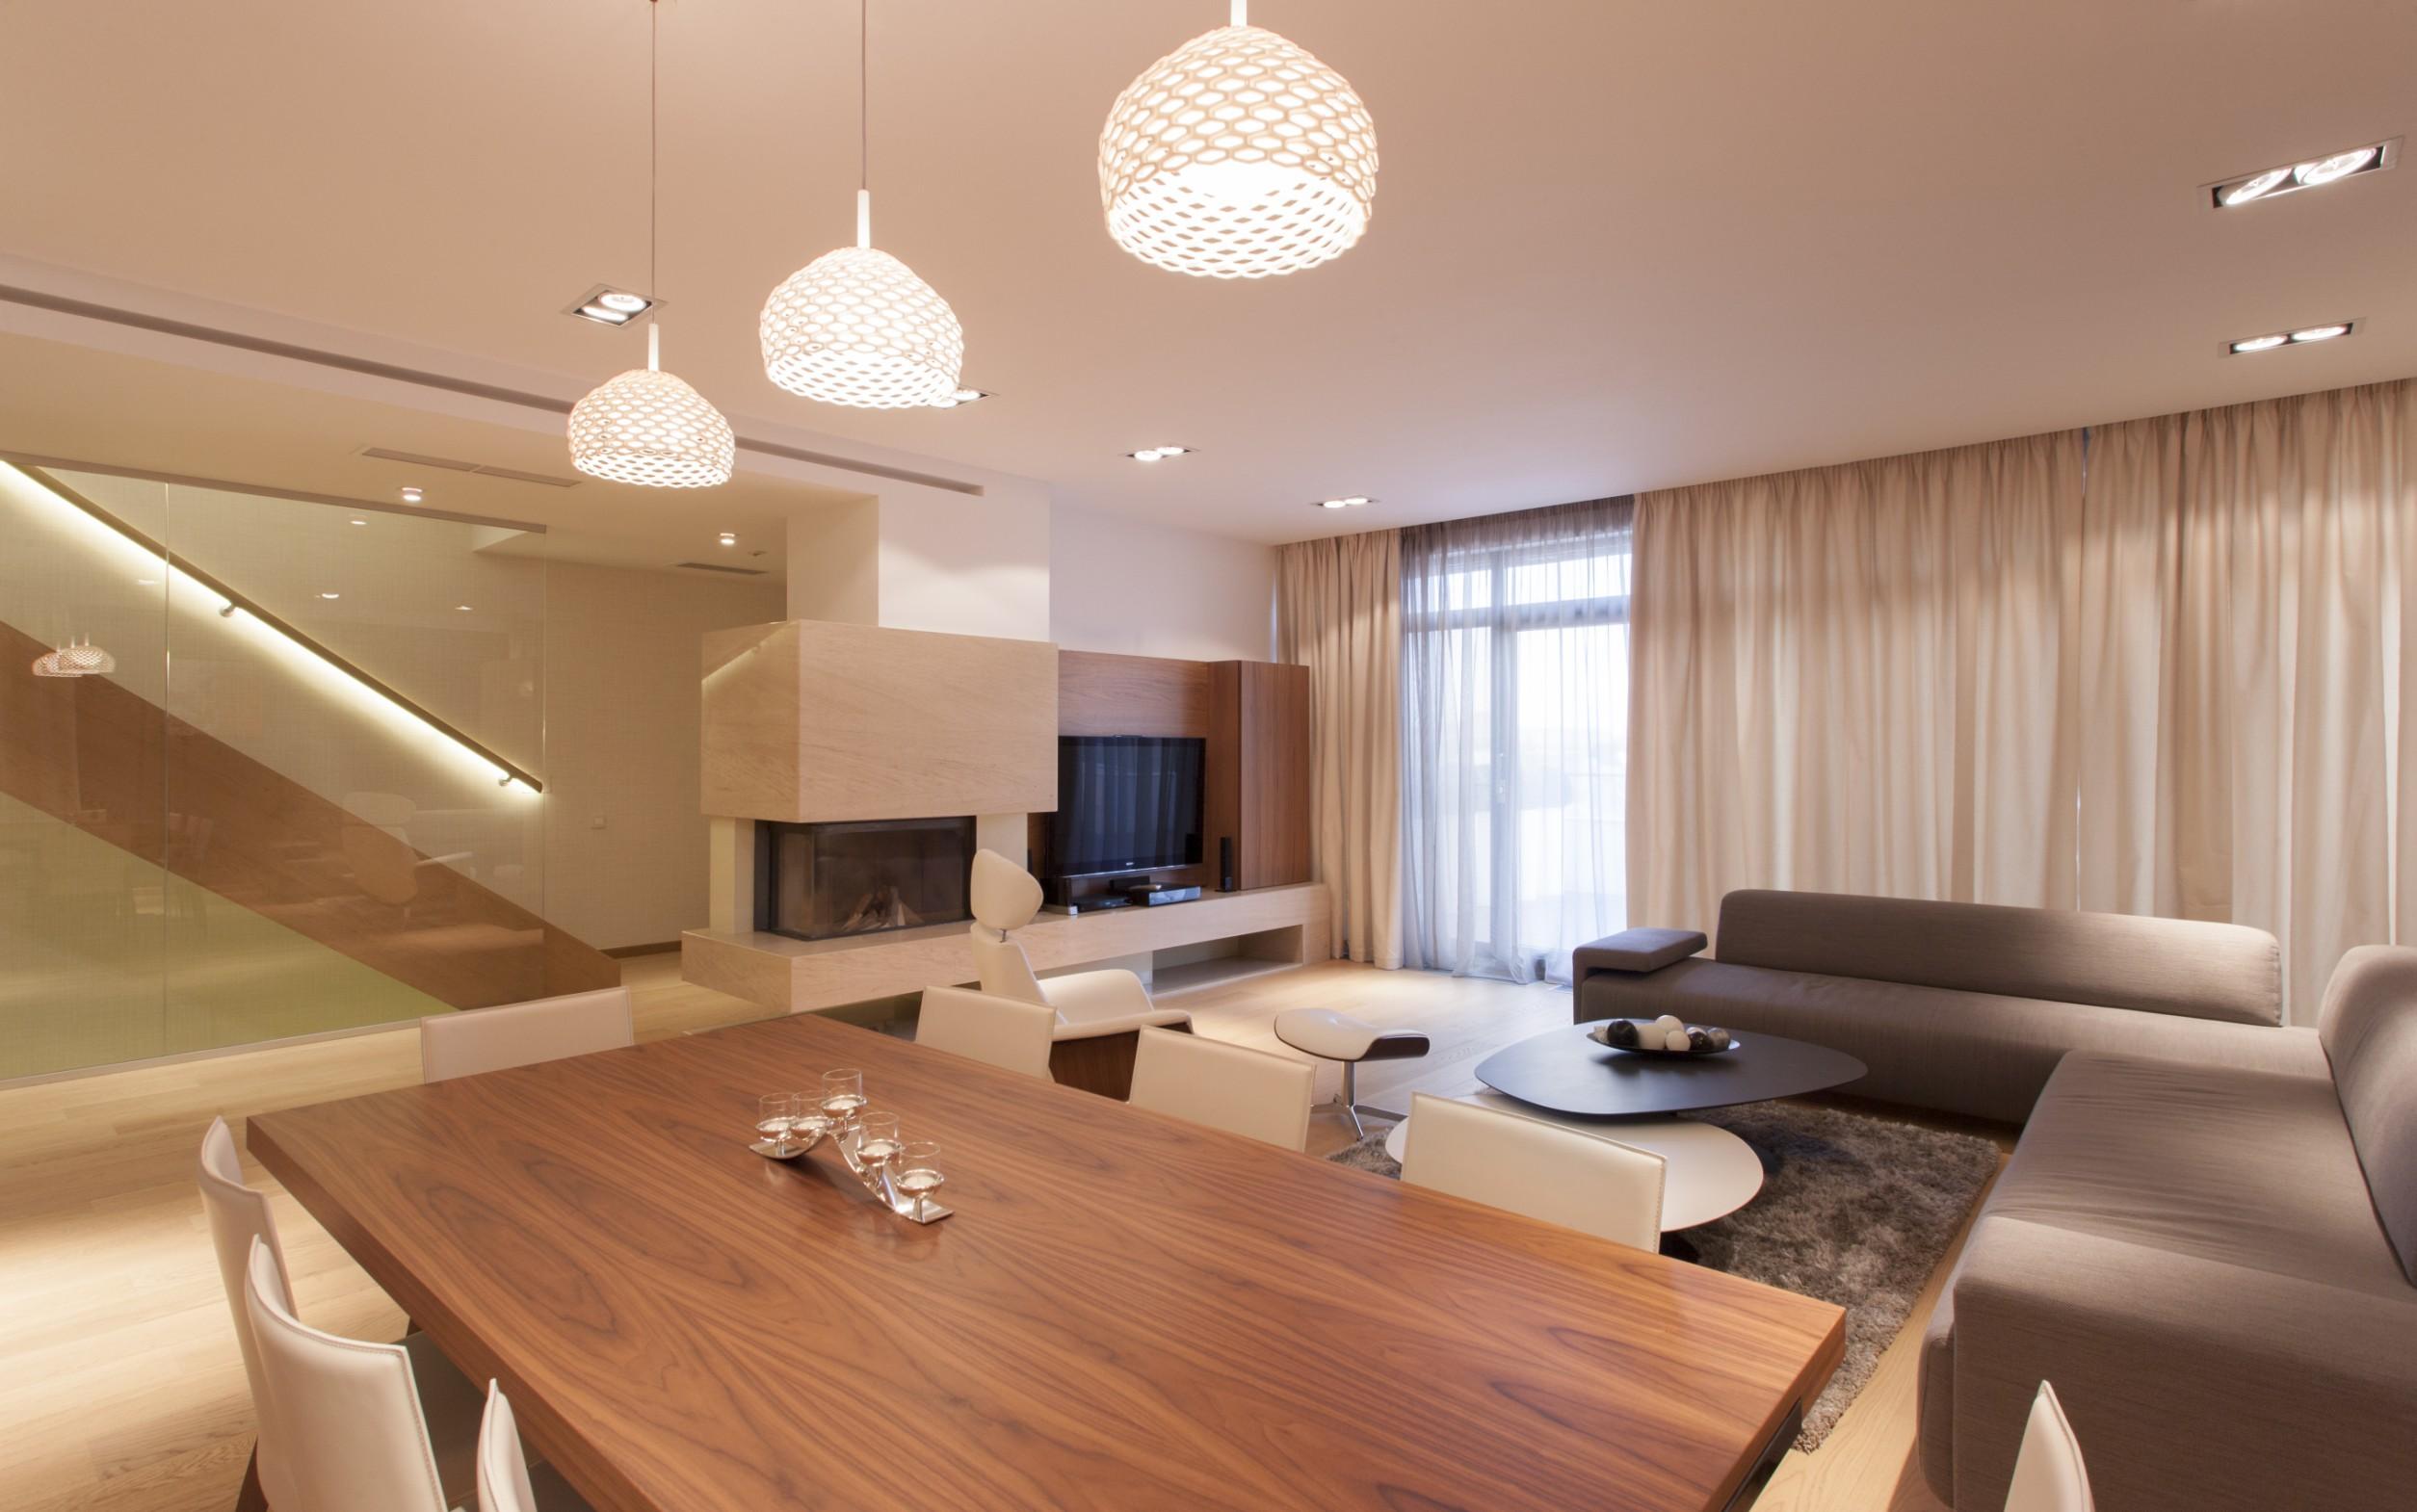 https://nbc-arhitect.ro/wp-content/uploads/2020/10/NBC-Arhitect-_-Petofi-Sandor-_-Housing-_-interior-design_17.jpg